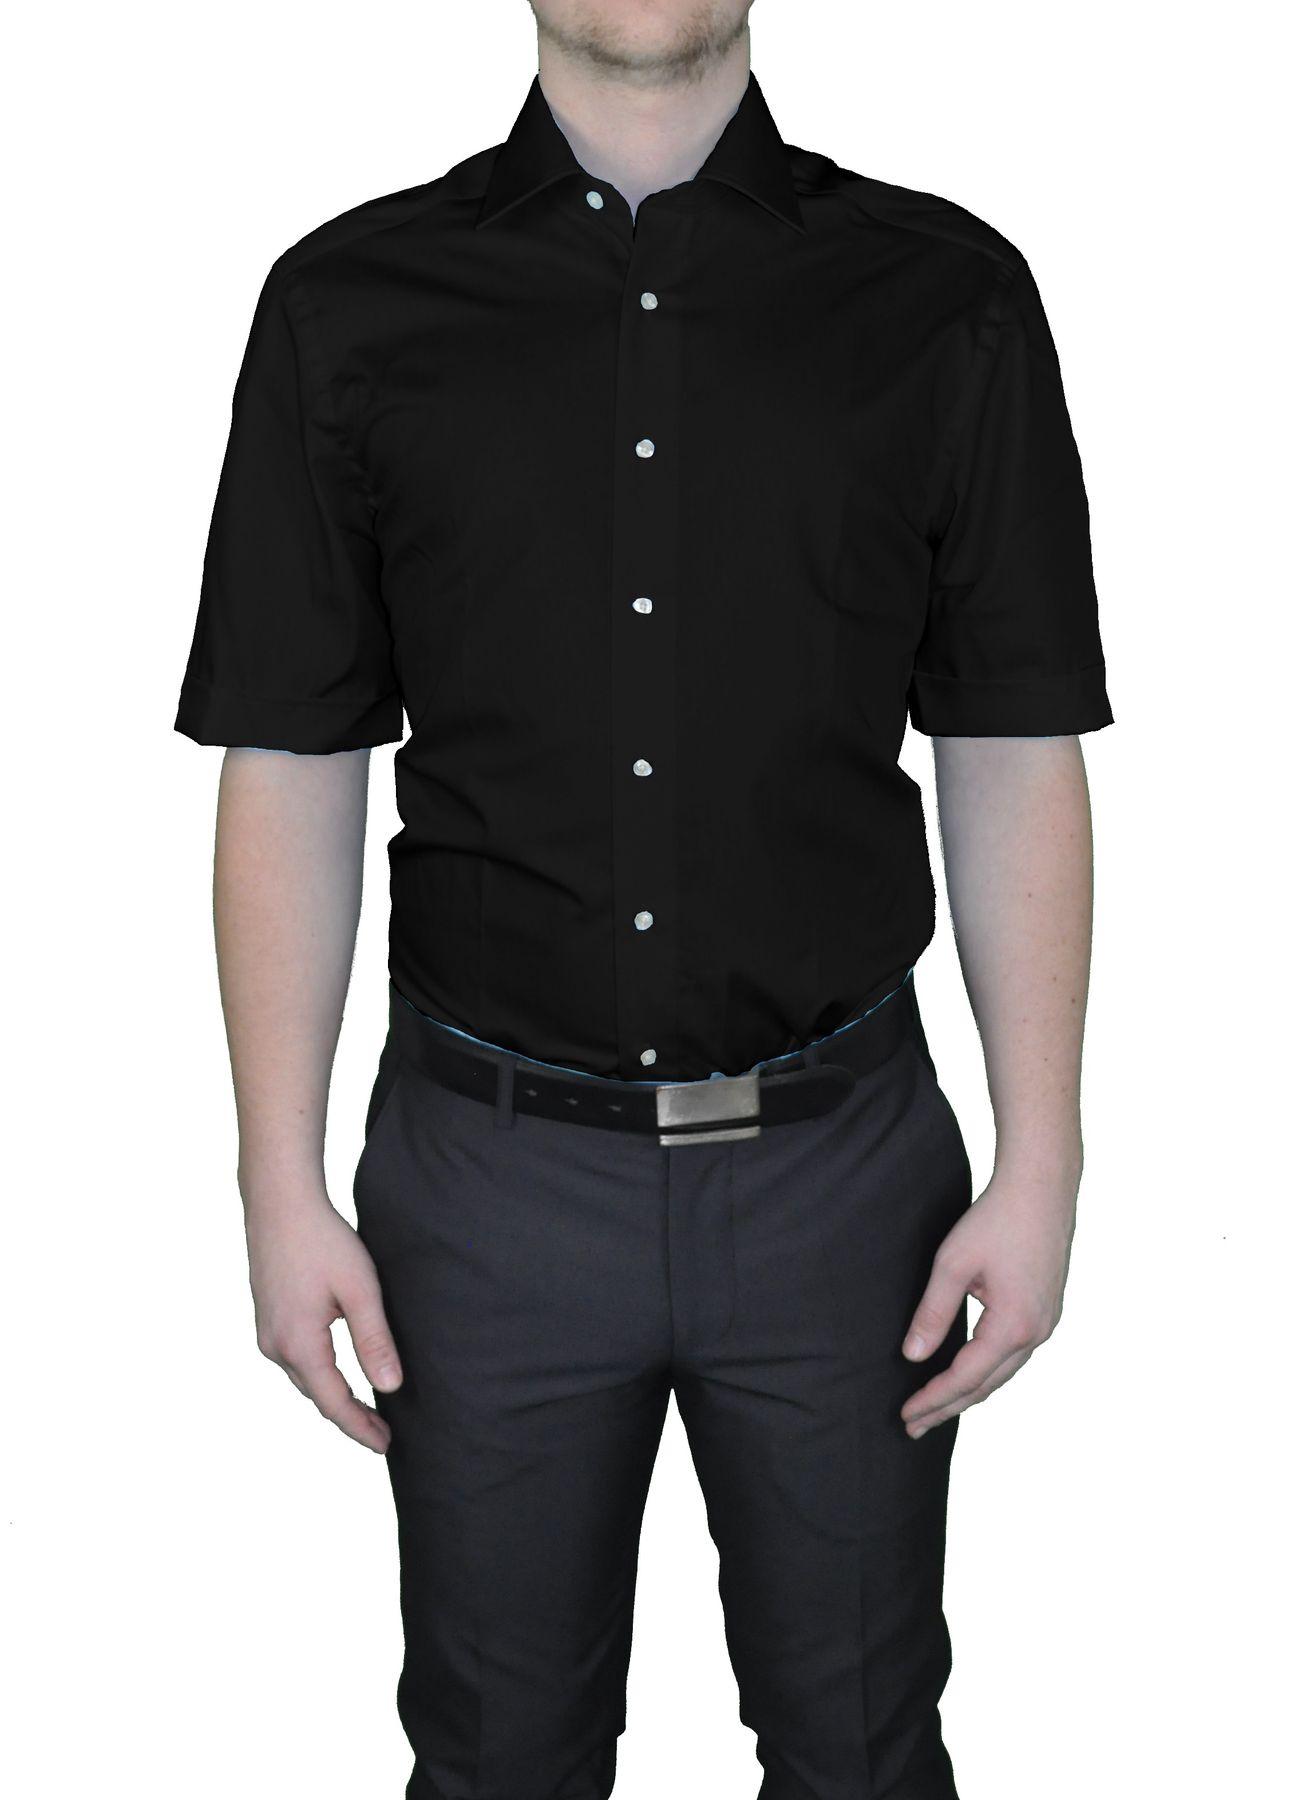 Bügelfreies Herren Kurzarm Hemd in verschiedenen Farben, Stil: BODY CUT, Marke REDMOND(150910 A) – Bild 22